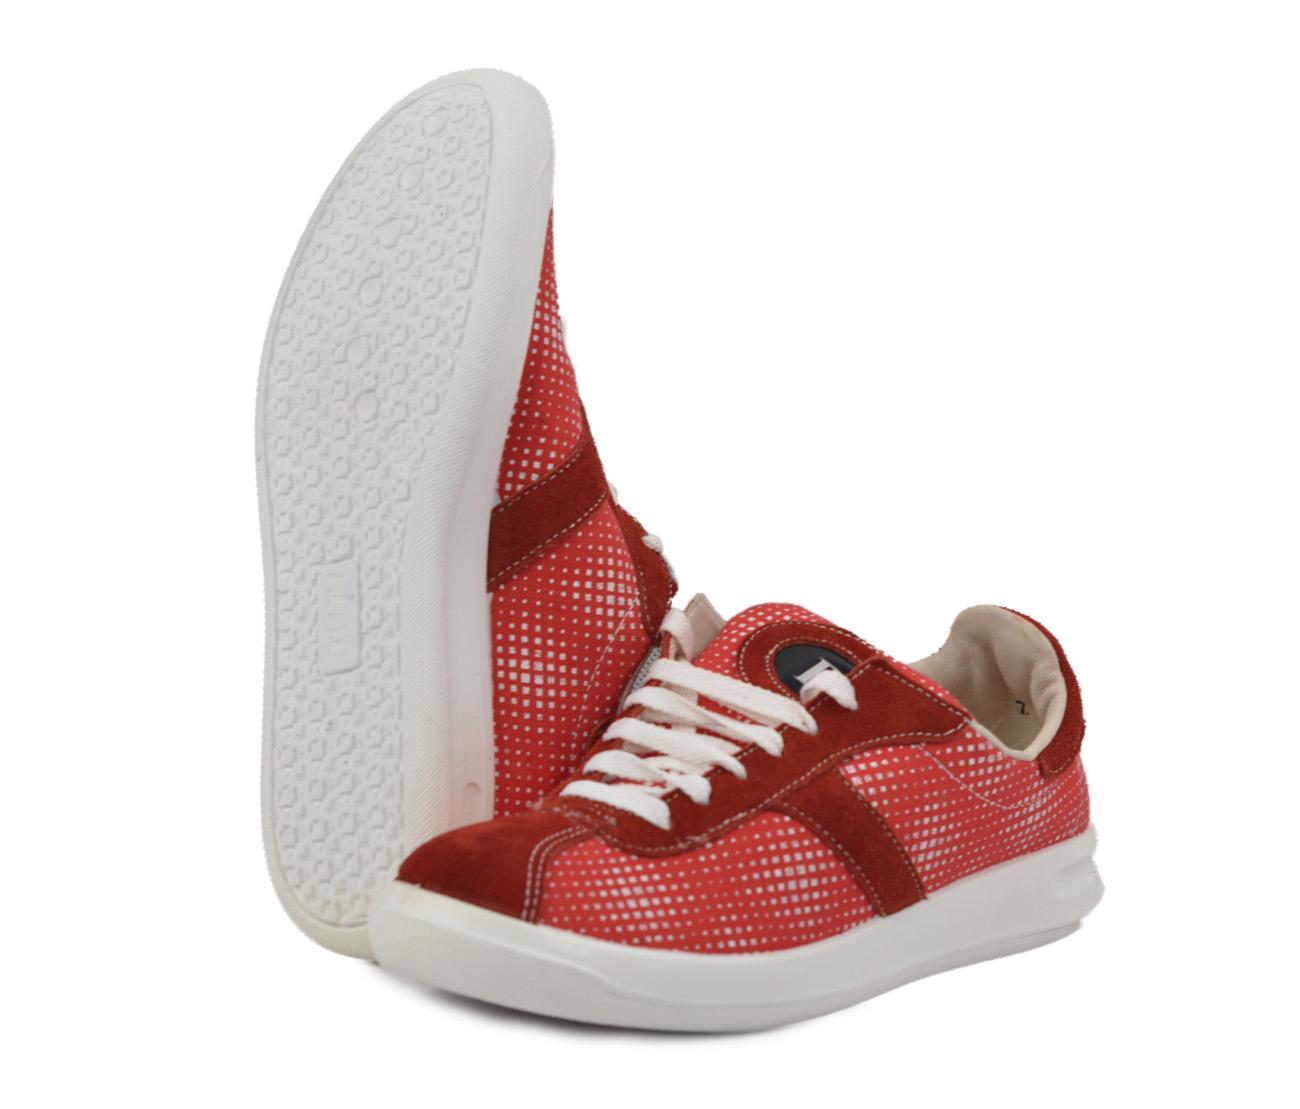 Кроссовки ACTIVE-03 ( женские) (Неизвестная Кроссовки<br>Разработки для спортивной обуви удачно <br>воплотились в кроссовках для повседневной <br>носки. Благодаря удобной колодке ноги не <br>устают в течение дня. Полиуретановая подошва <br>отличается надежностью и долговечностью. <br>Каждая пара в индивидуальной упаковке.<br><br>Пол: женский<br>Сезон: лето